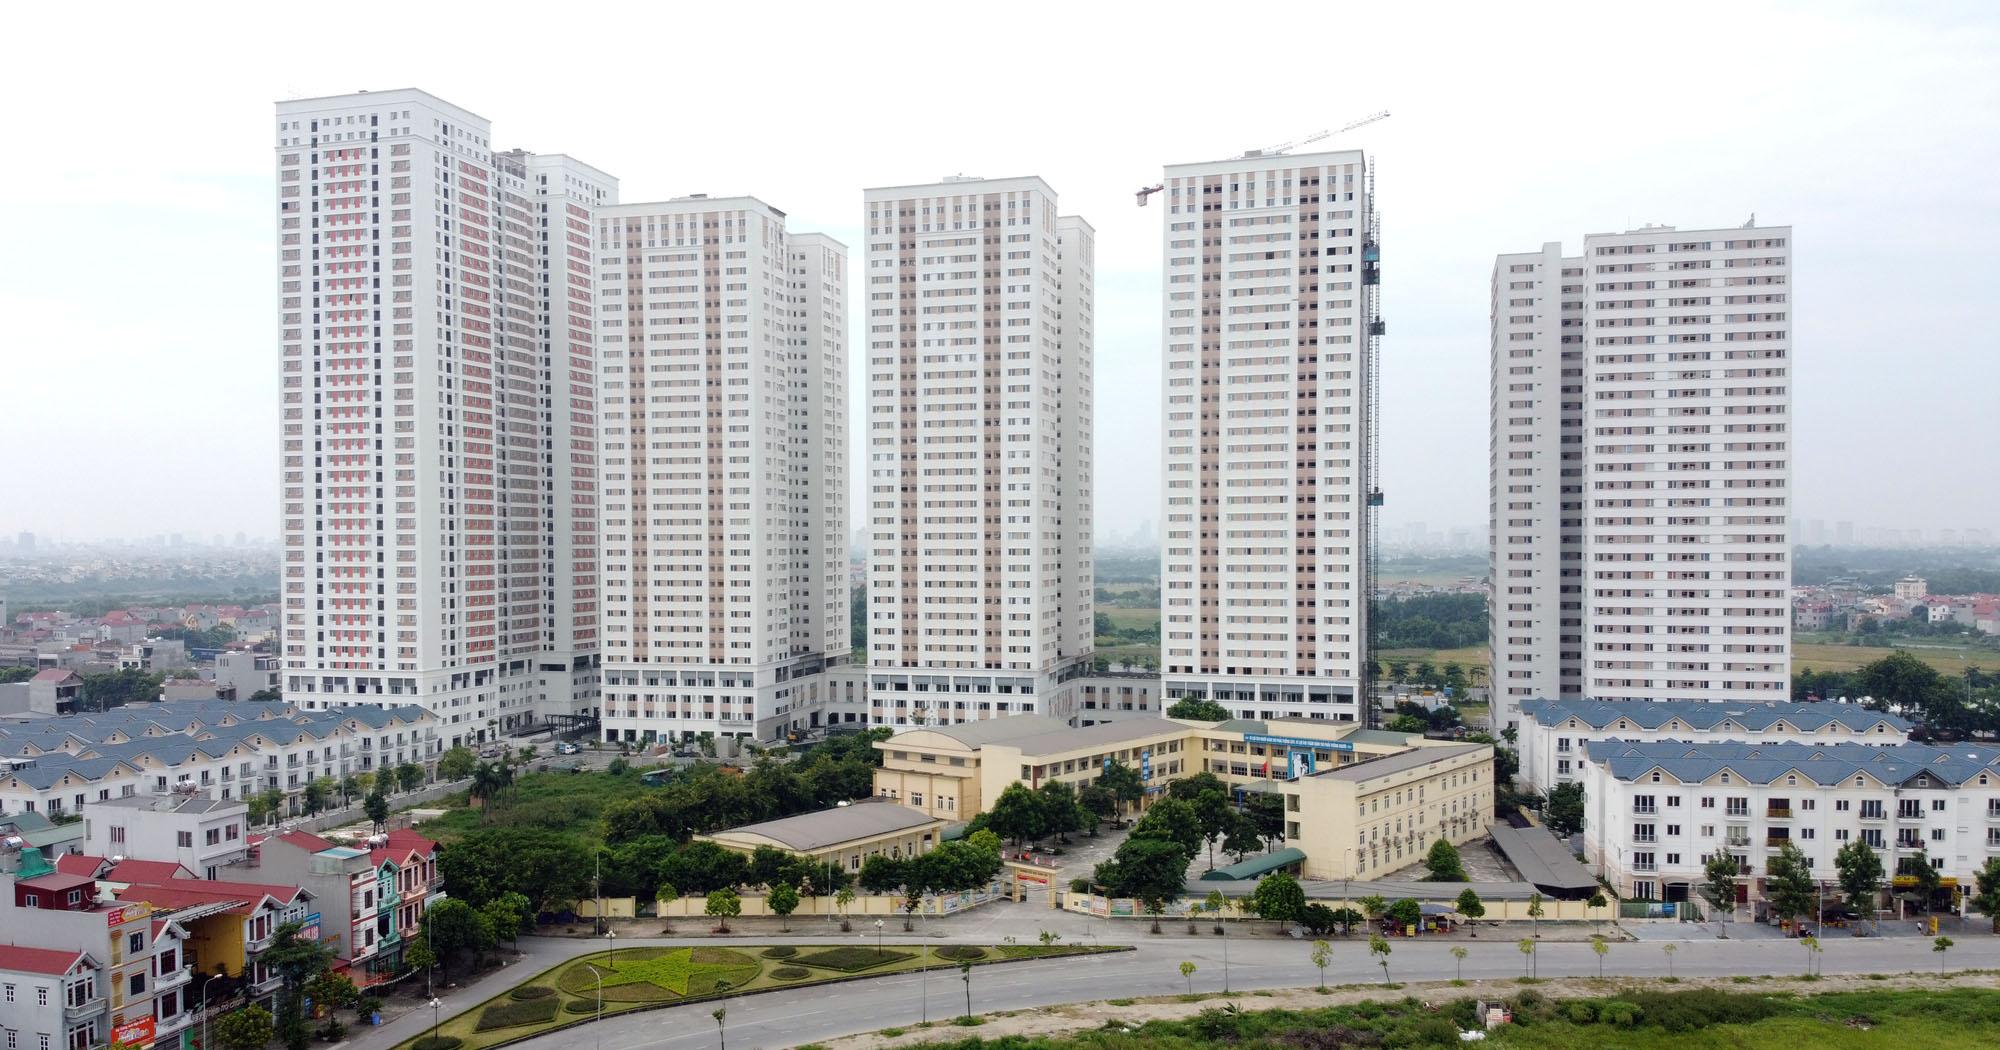 Dự án Eurowindow River Park đang mở bán: Cửa ngõ Đông Bắc Hà Nội, view hai sông lớn - Ảnh 9.